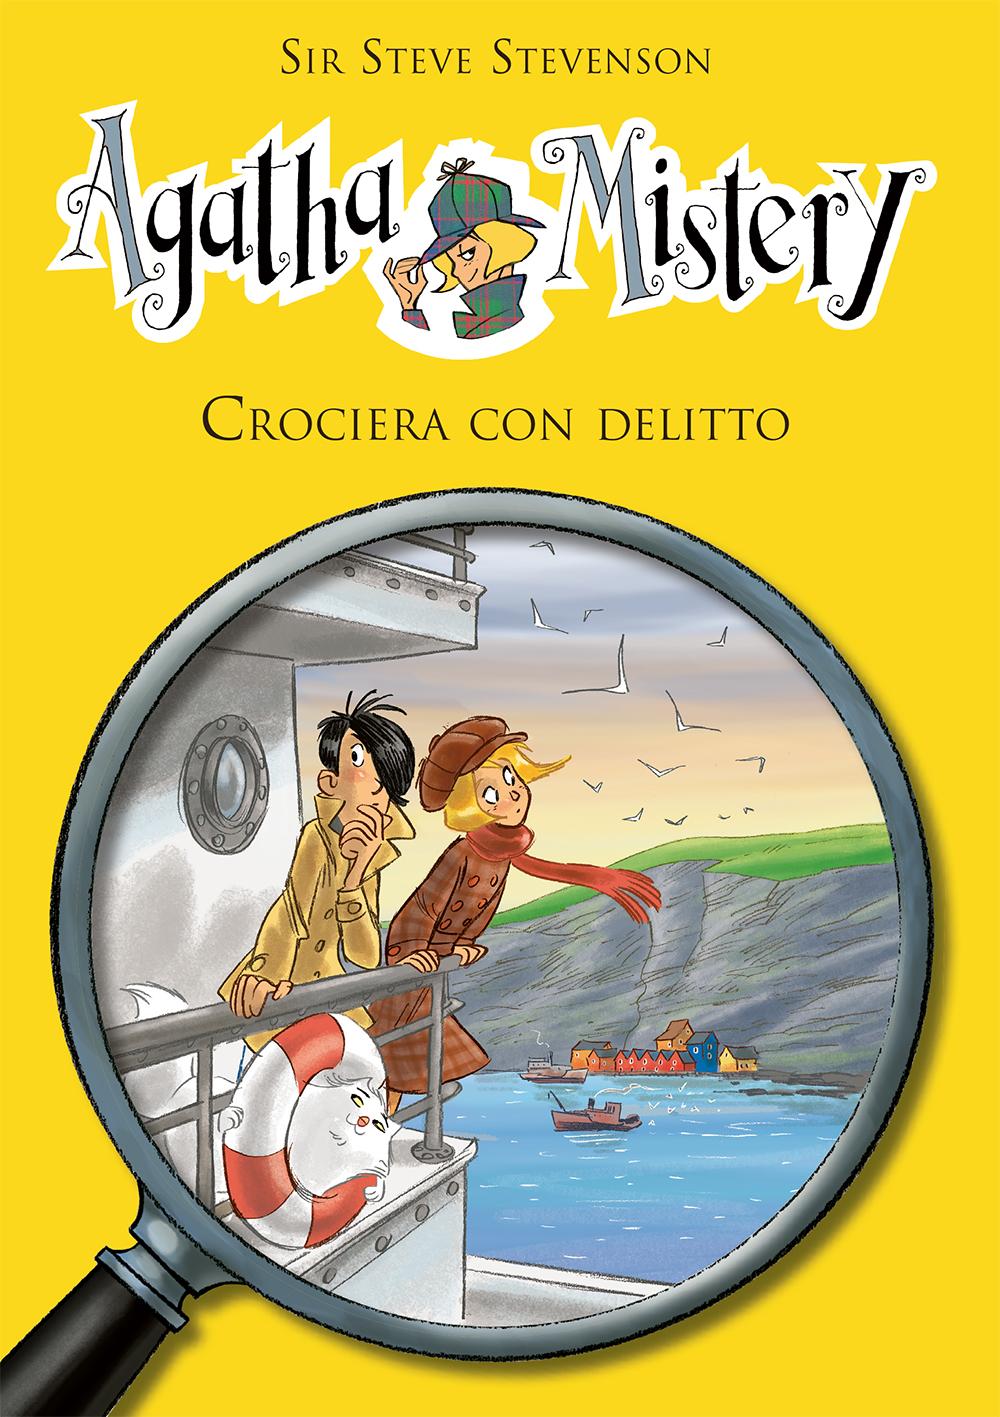 Crociera con delitto – Agatha Mistery vol. 10